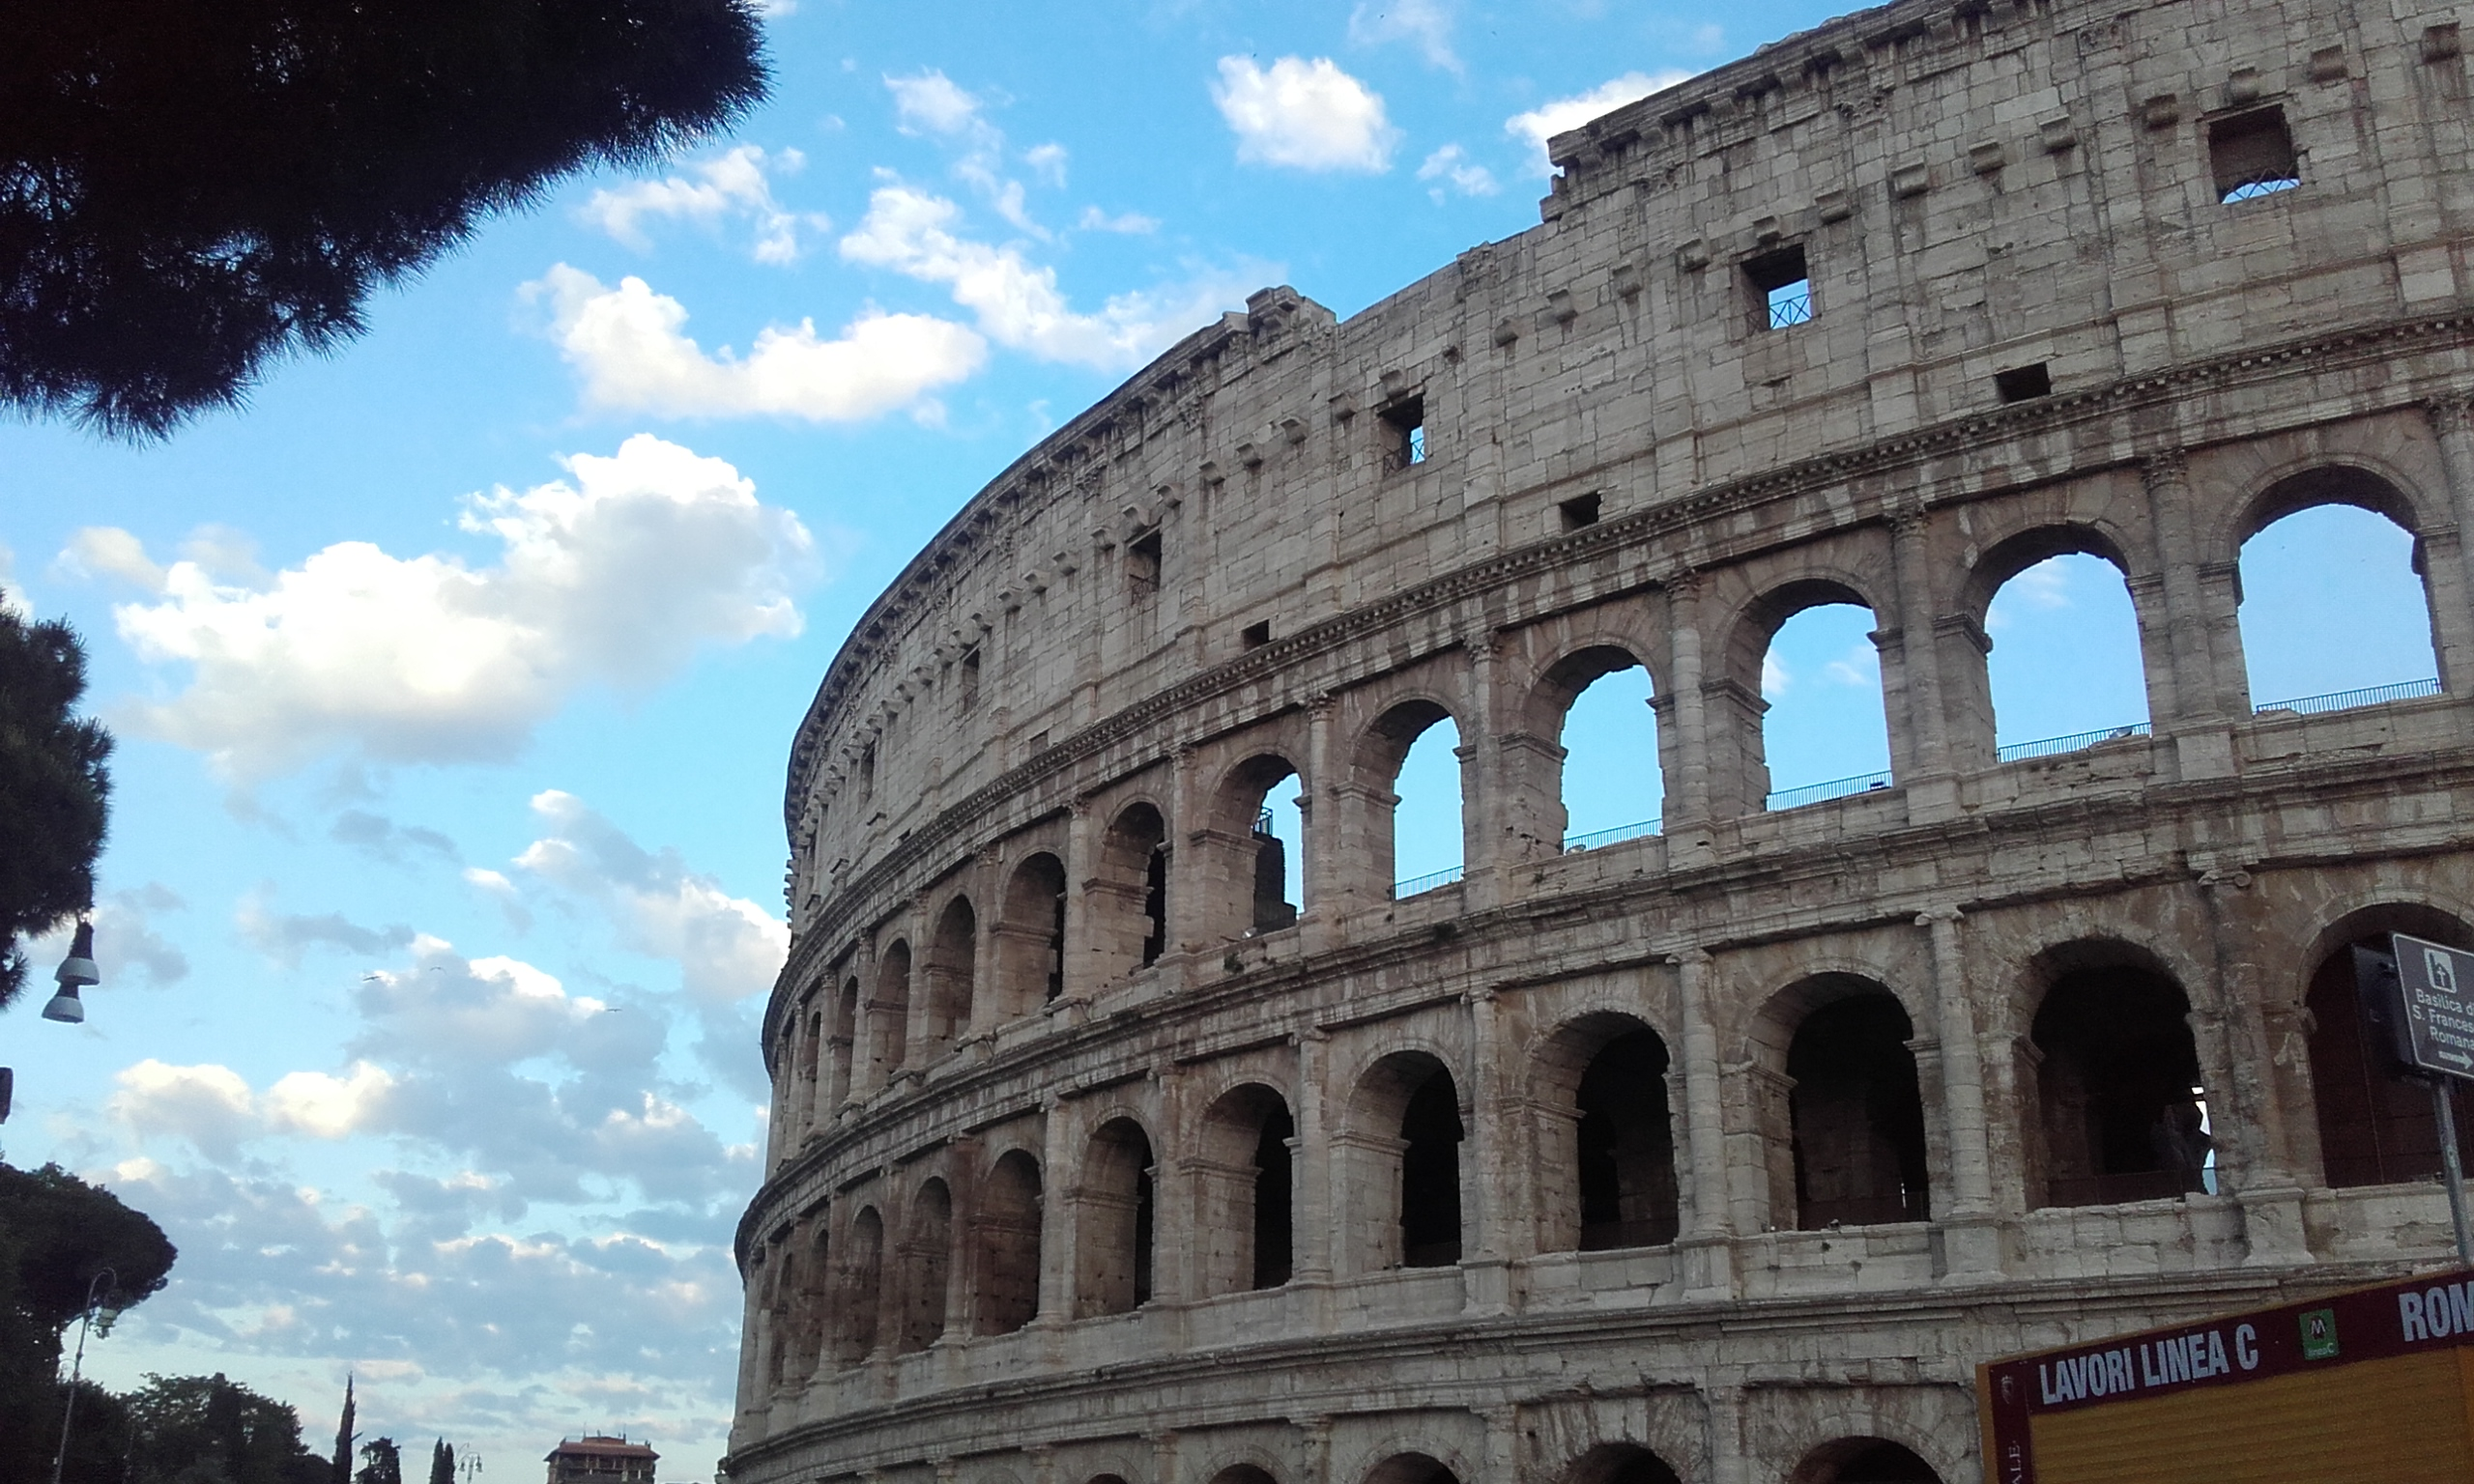 El Coliseo de Roma, en detalle